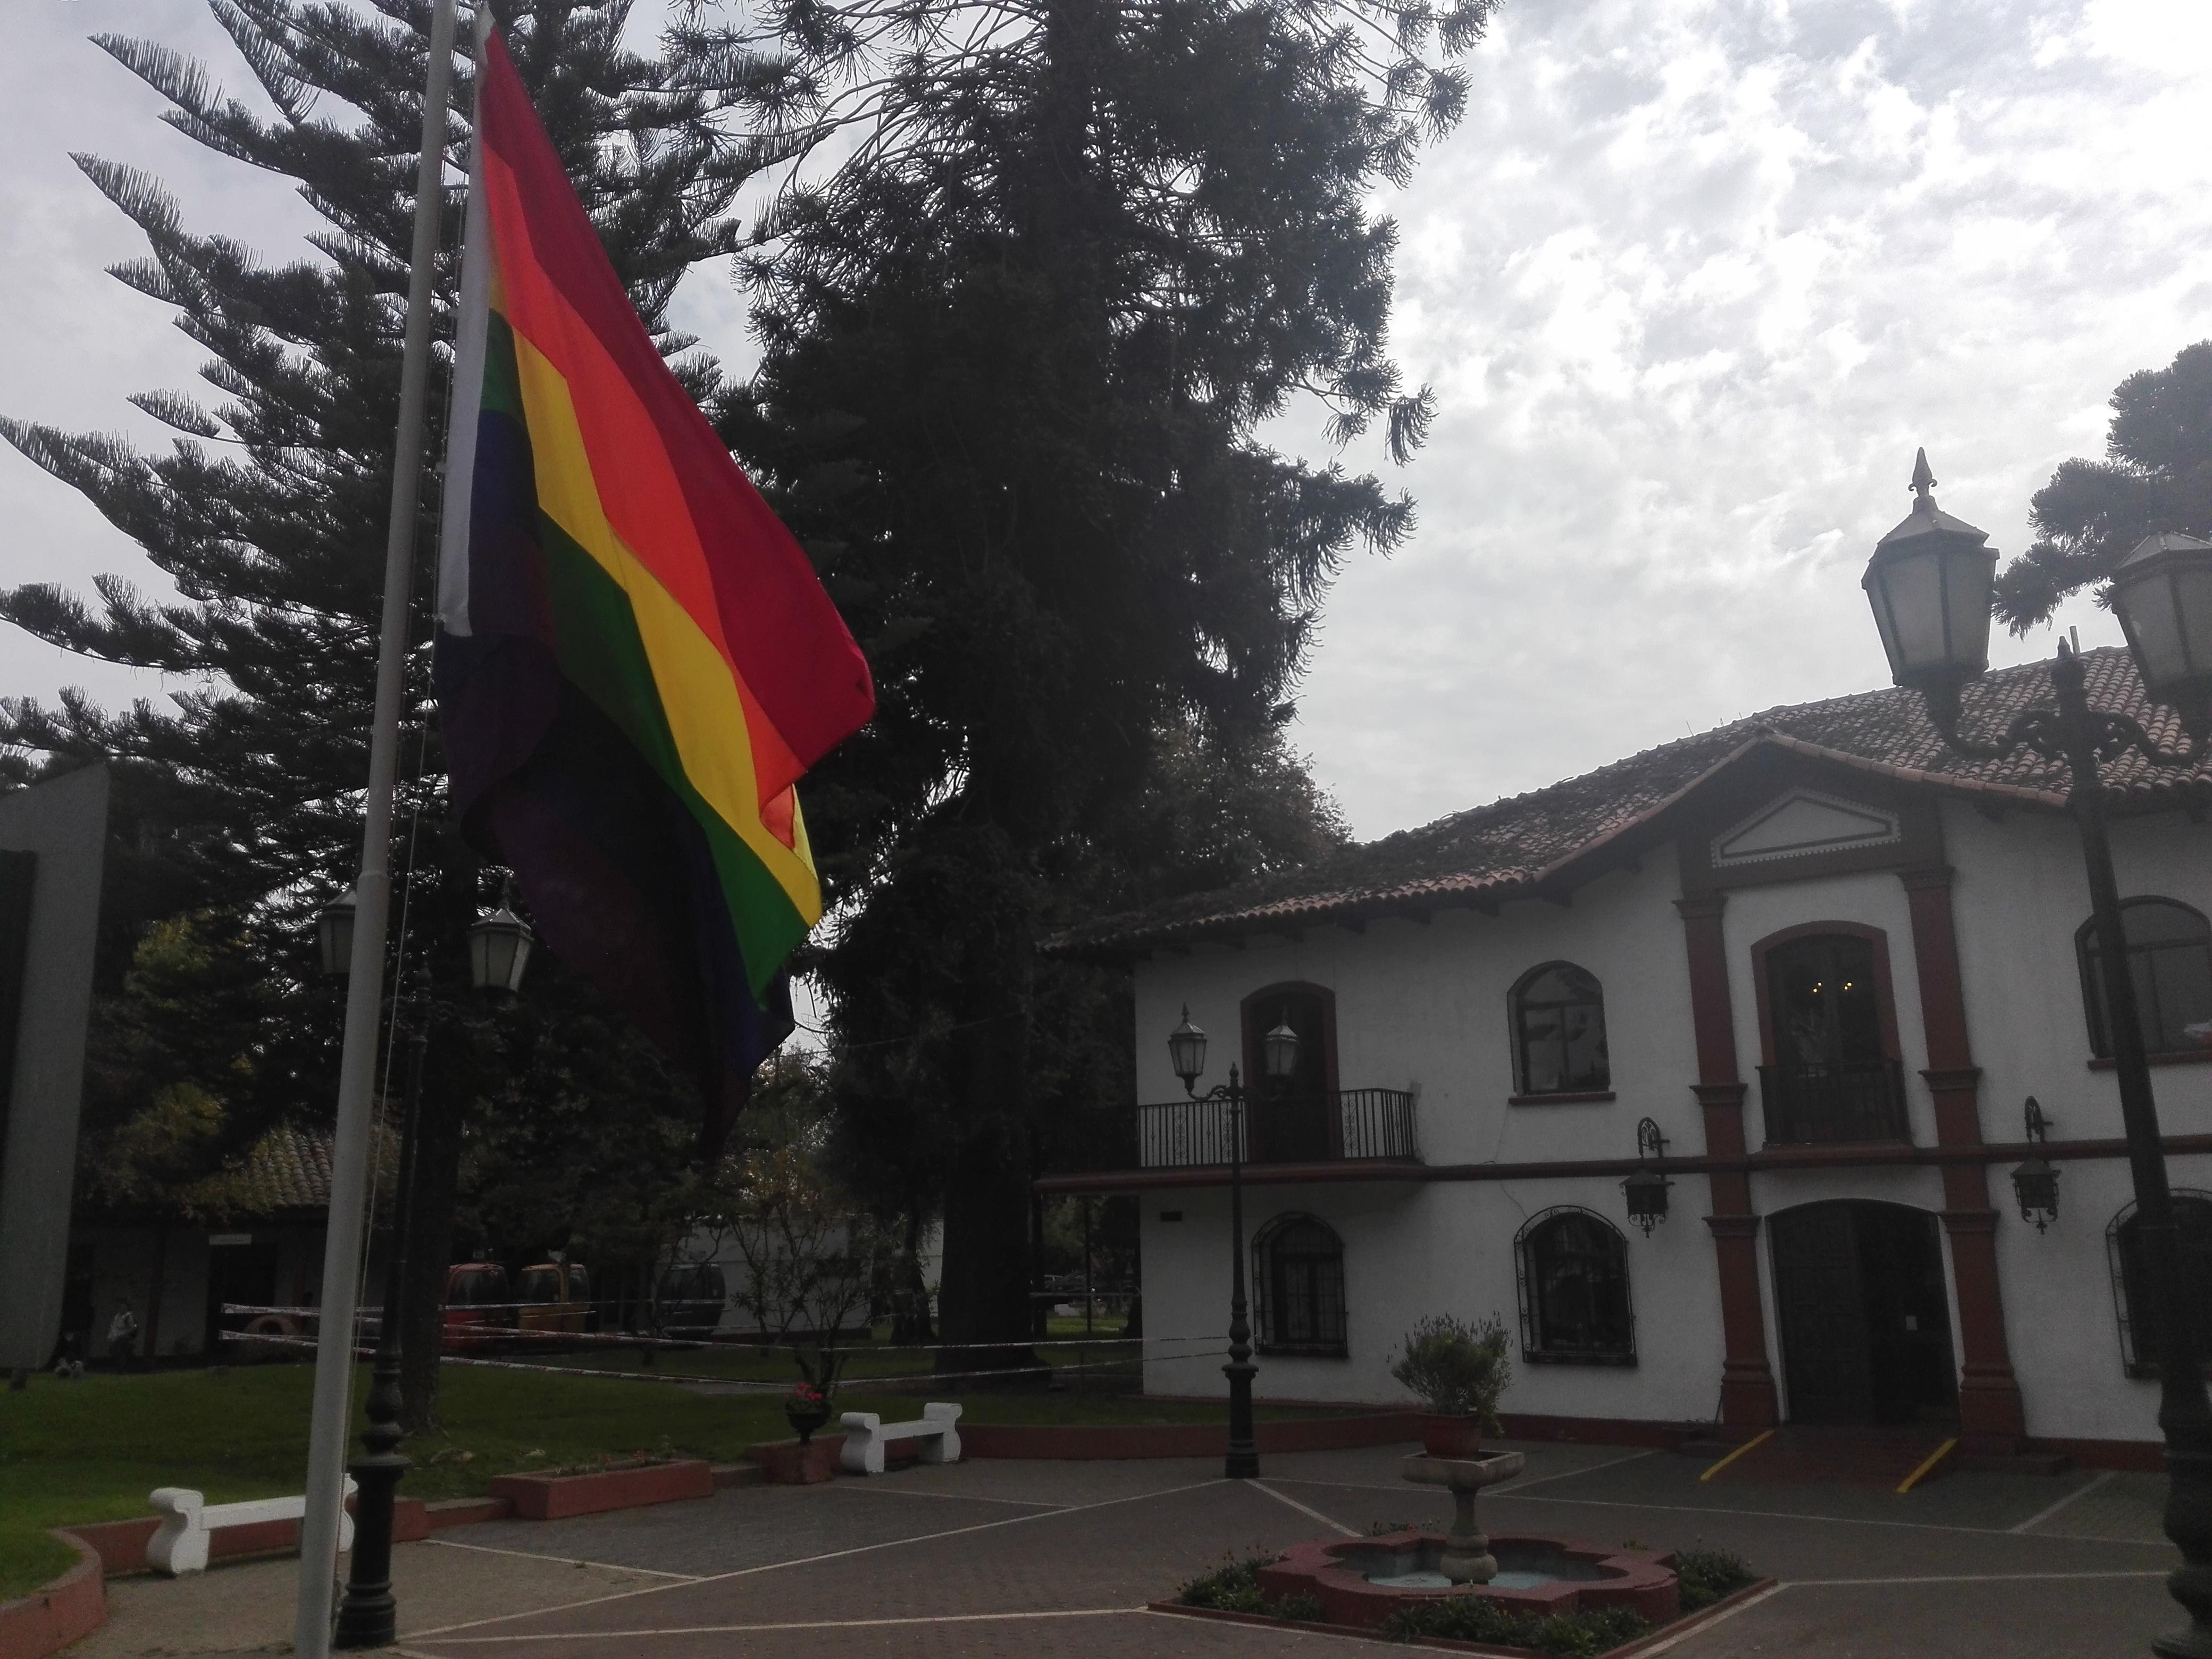 Municipio iza bandera arcoiris contra la homofobia y la transfobia